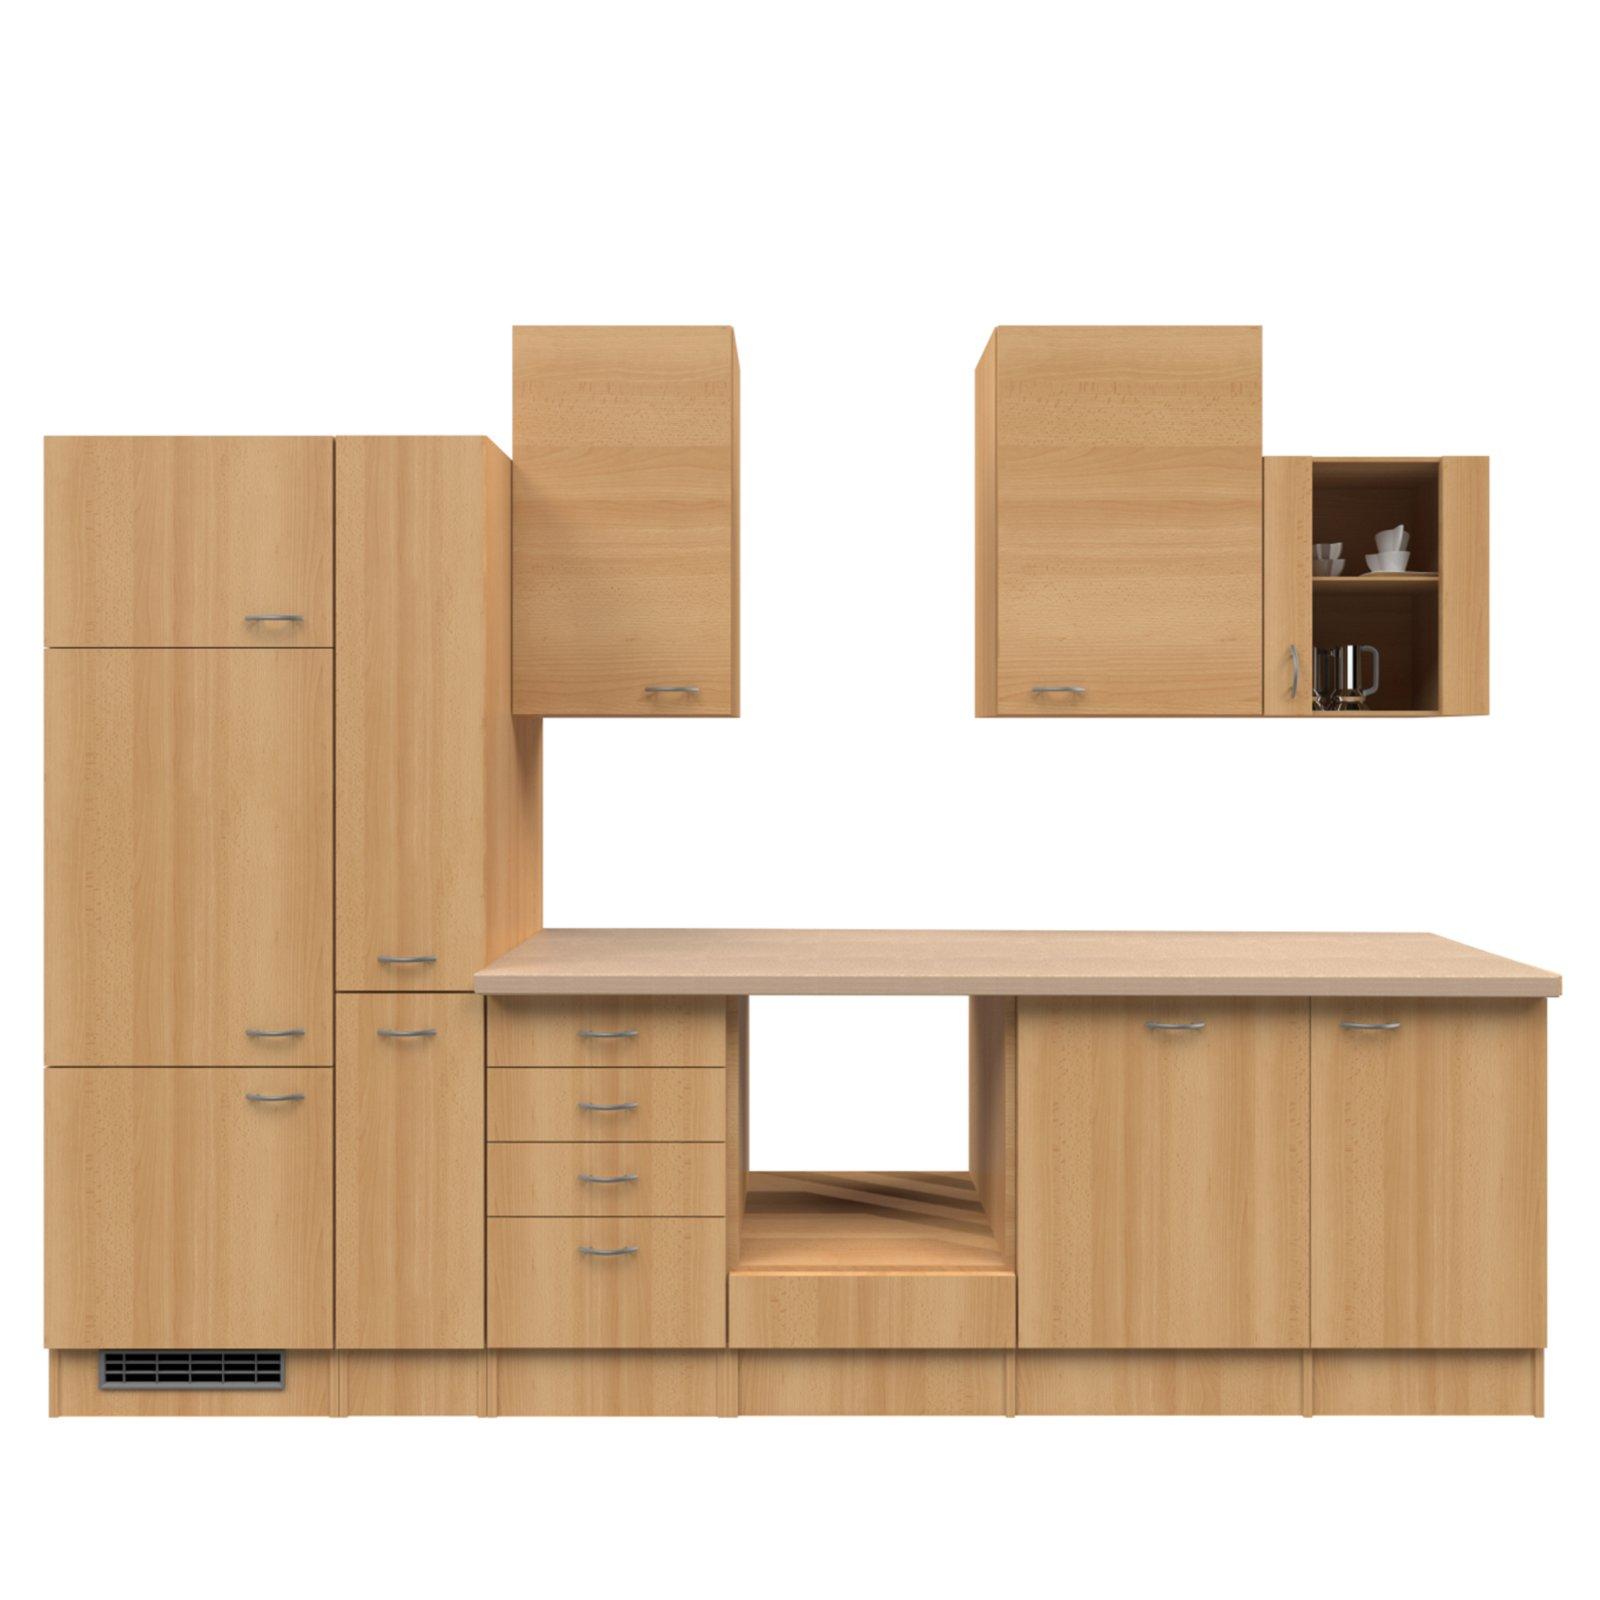 Küchenblock NANO - Buche - 310 cm